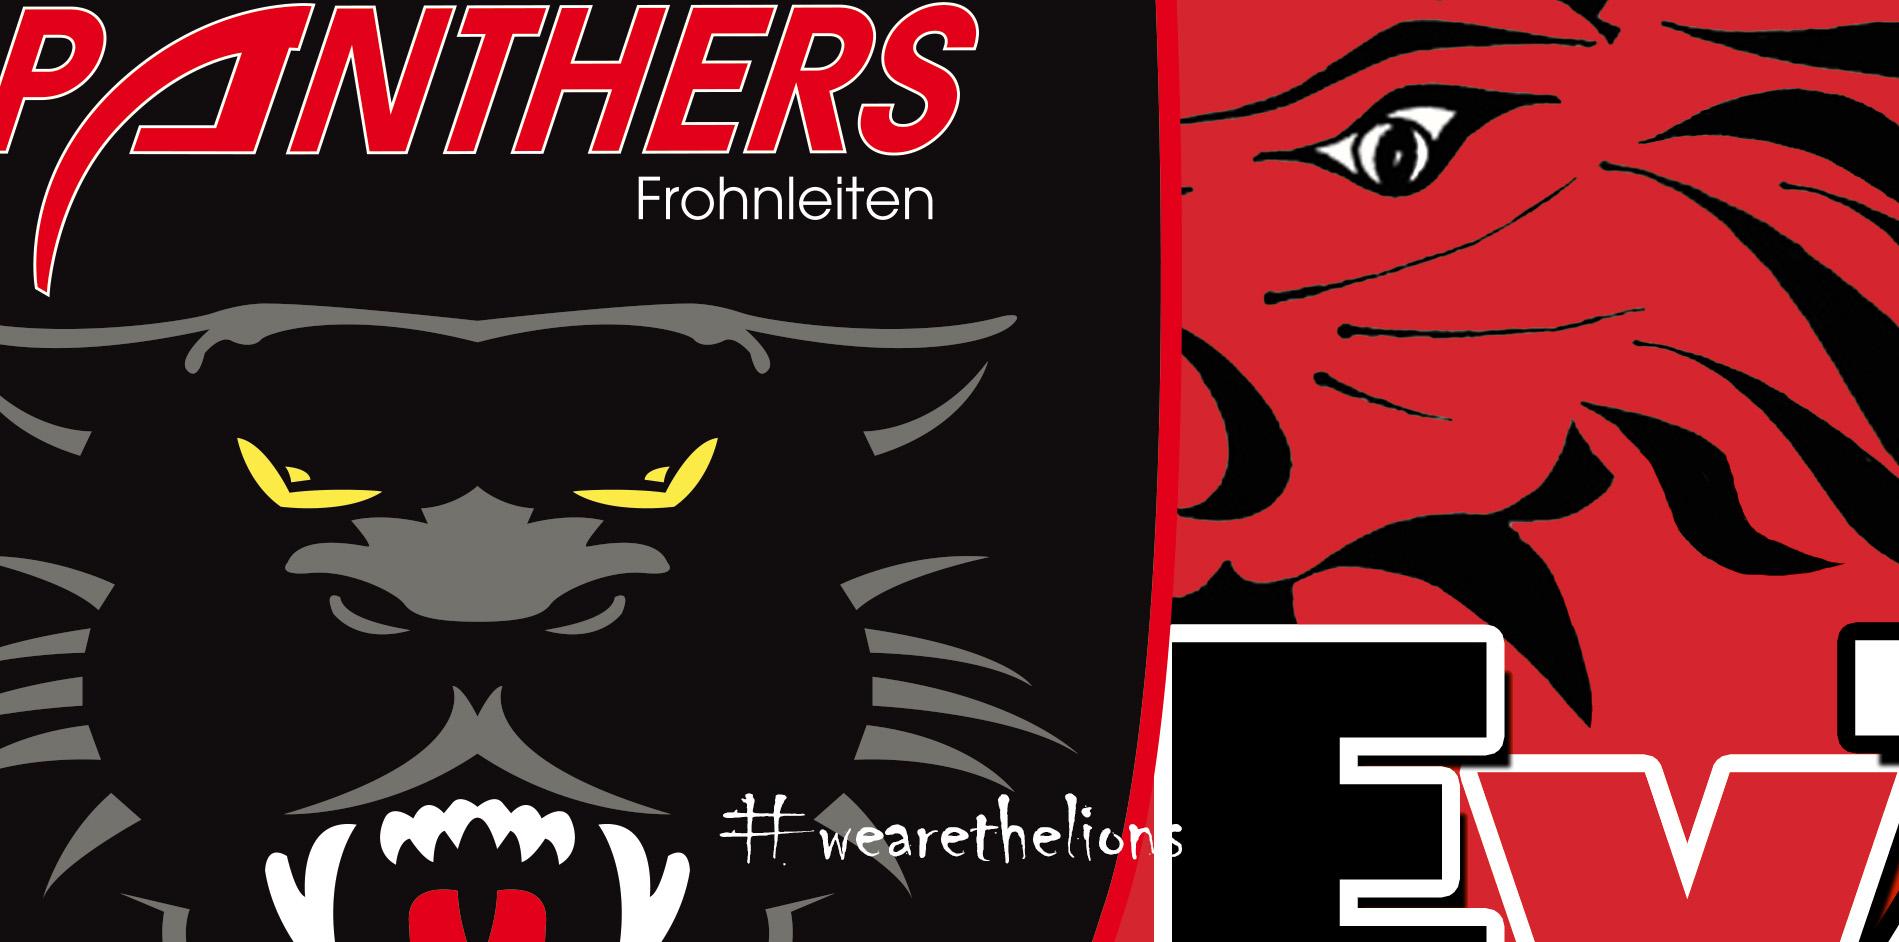 Frohnleiten Panthers vs EV Zeltweg Murtal Lions II im Viertelfinale der Eliteliga Play-Offs